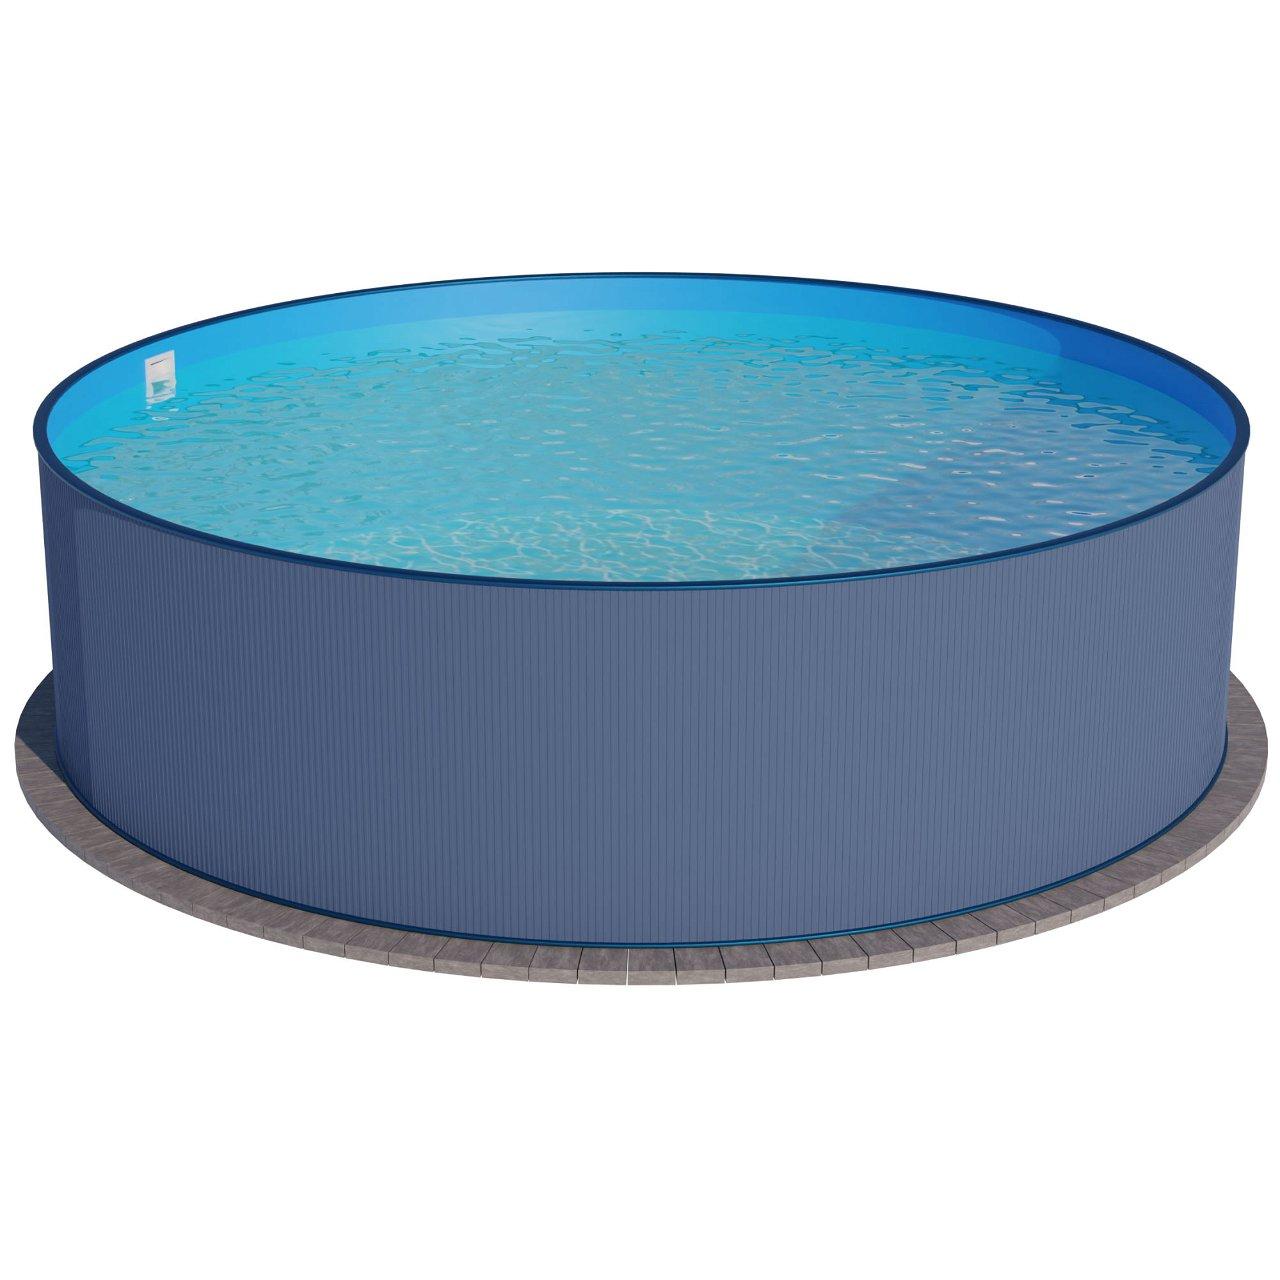 Stahlwandpool rundform anthrazit 300x120 cm, Einhängebiese